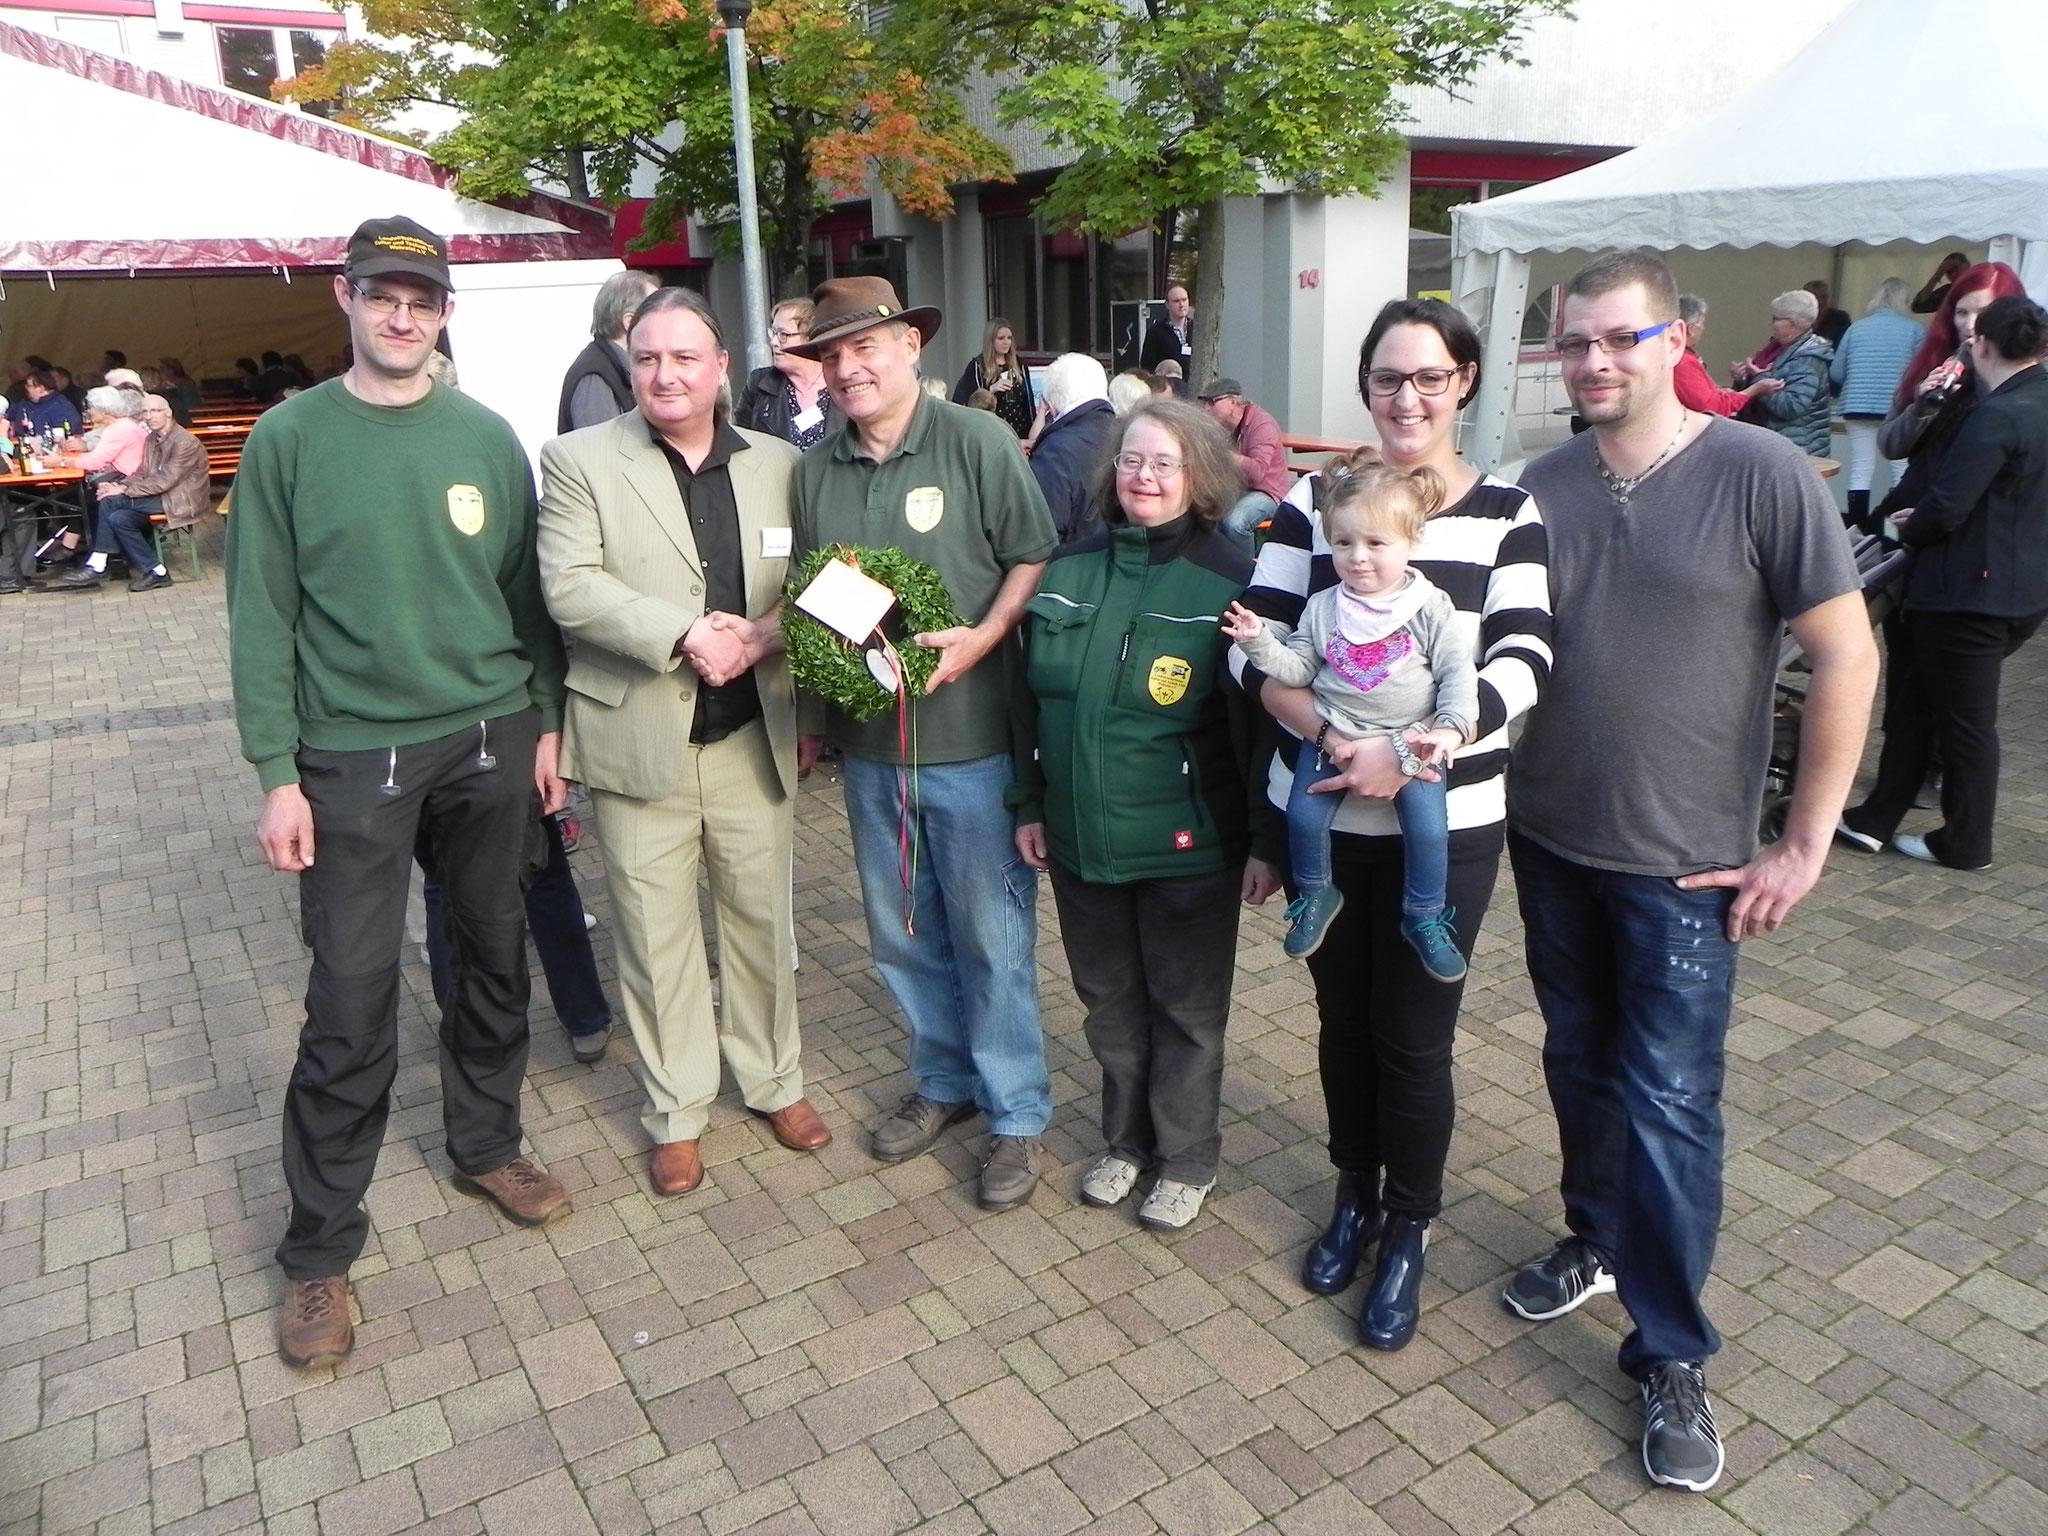 Oktoberfest Kaufpark Wehrda 2017